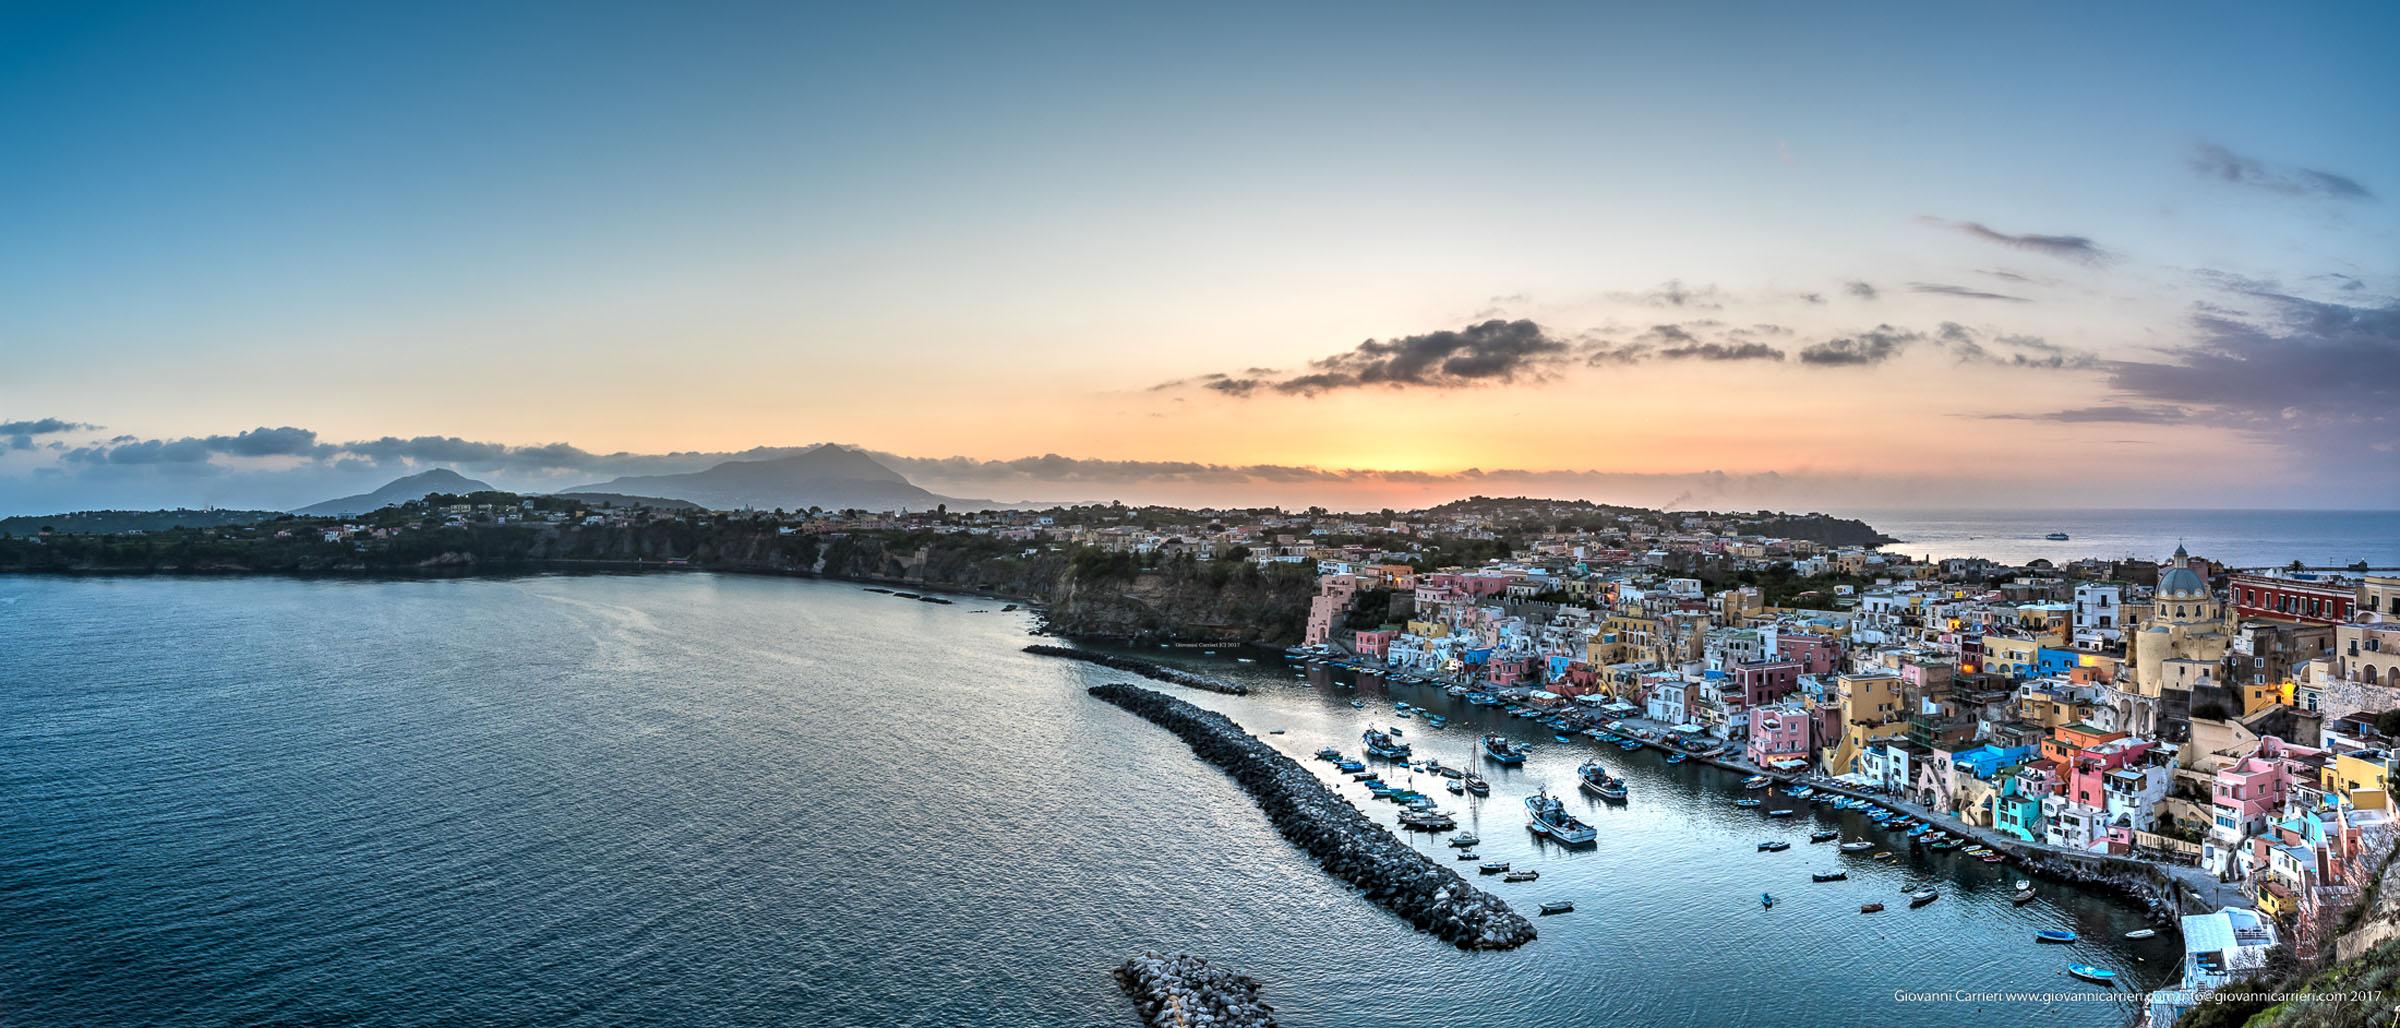 Panoramica di Marina di Corricella vista da Torre Murata, Procida